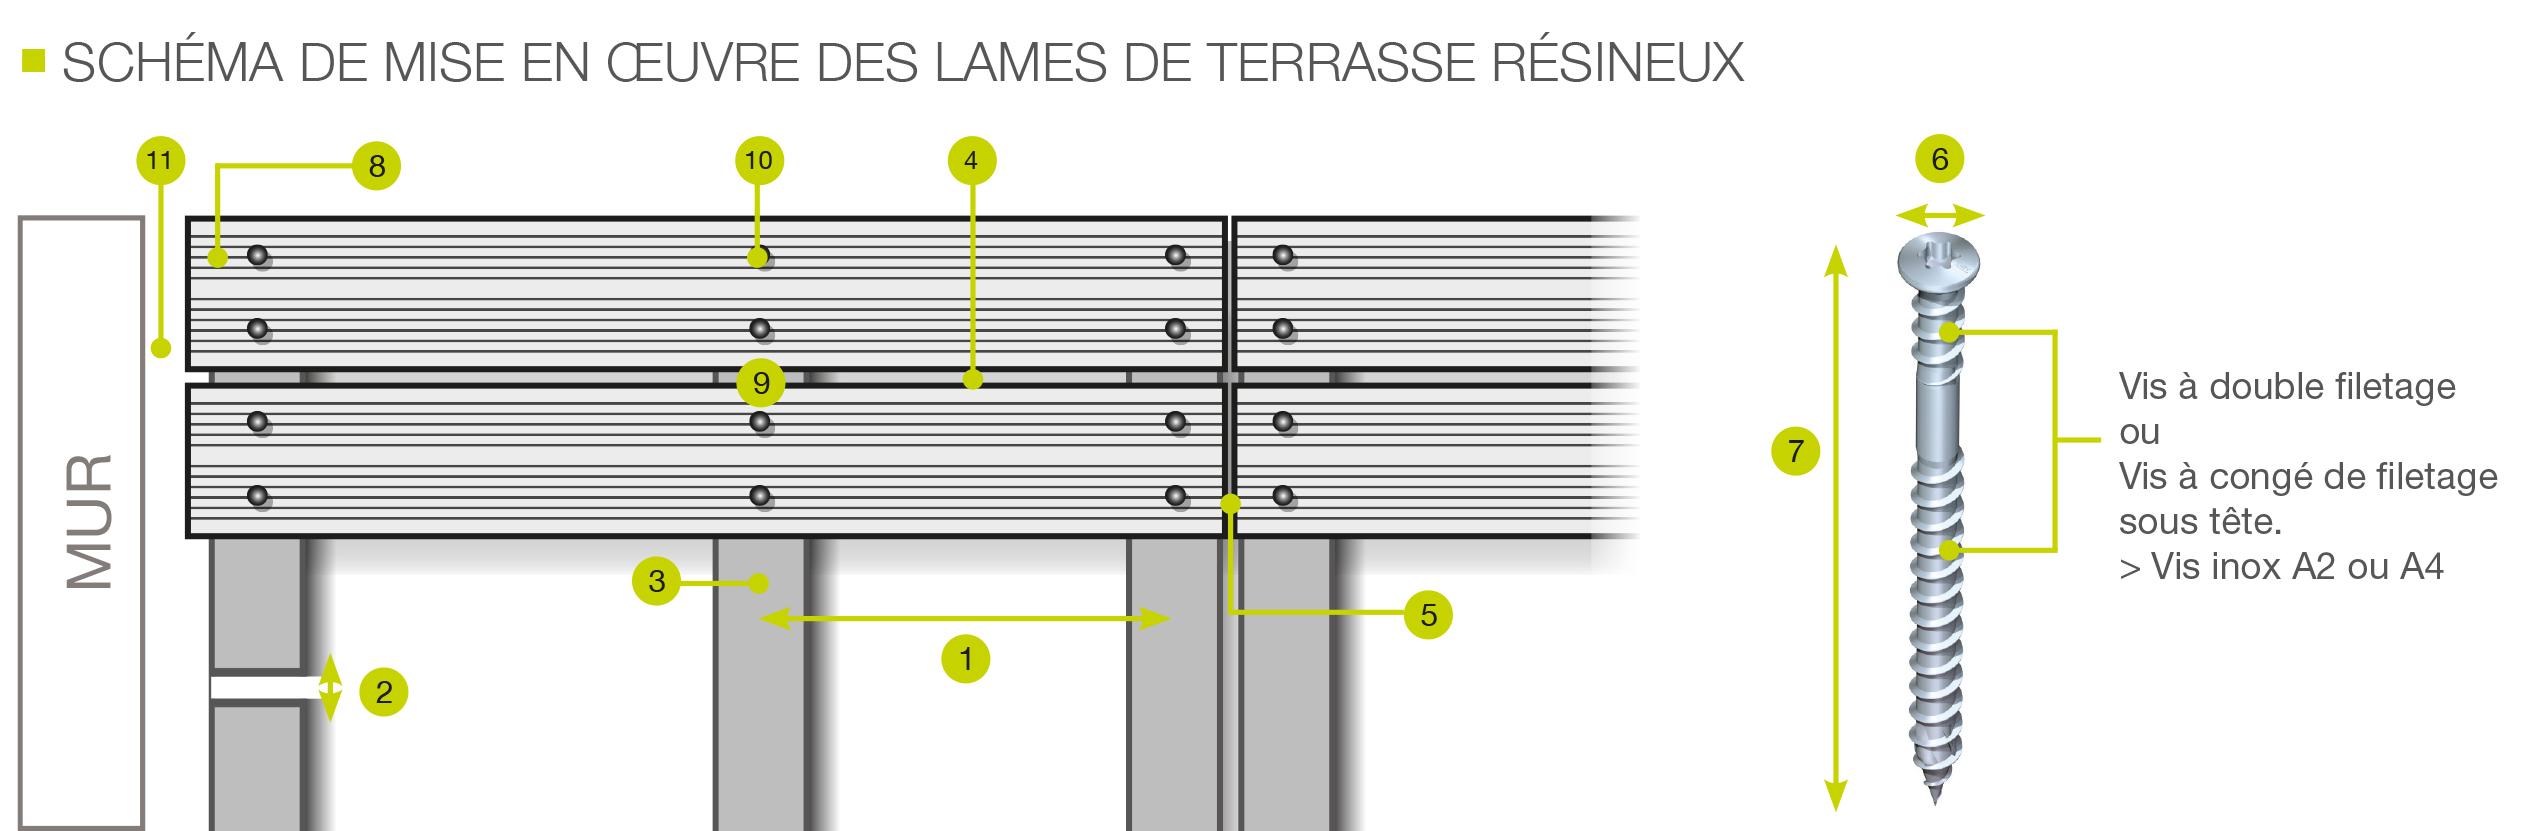 100 Incroyable Concepts Espace Lame De Terrasse Bois